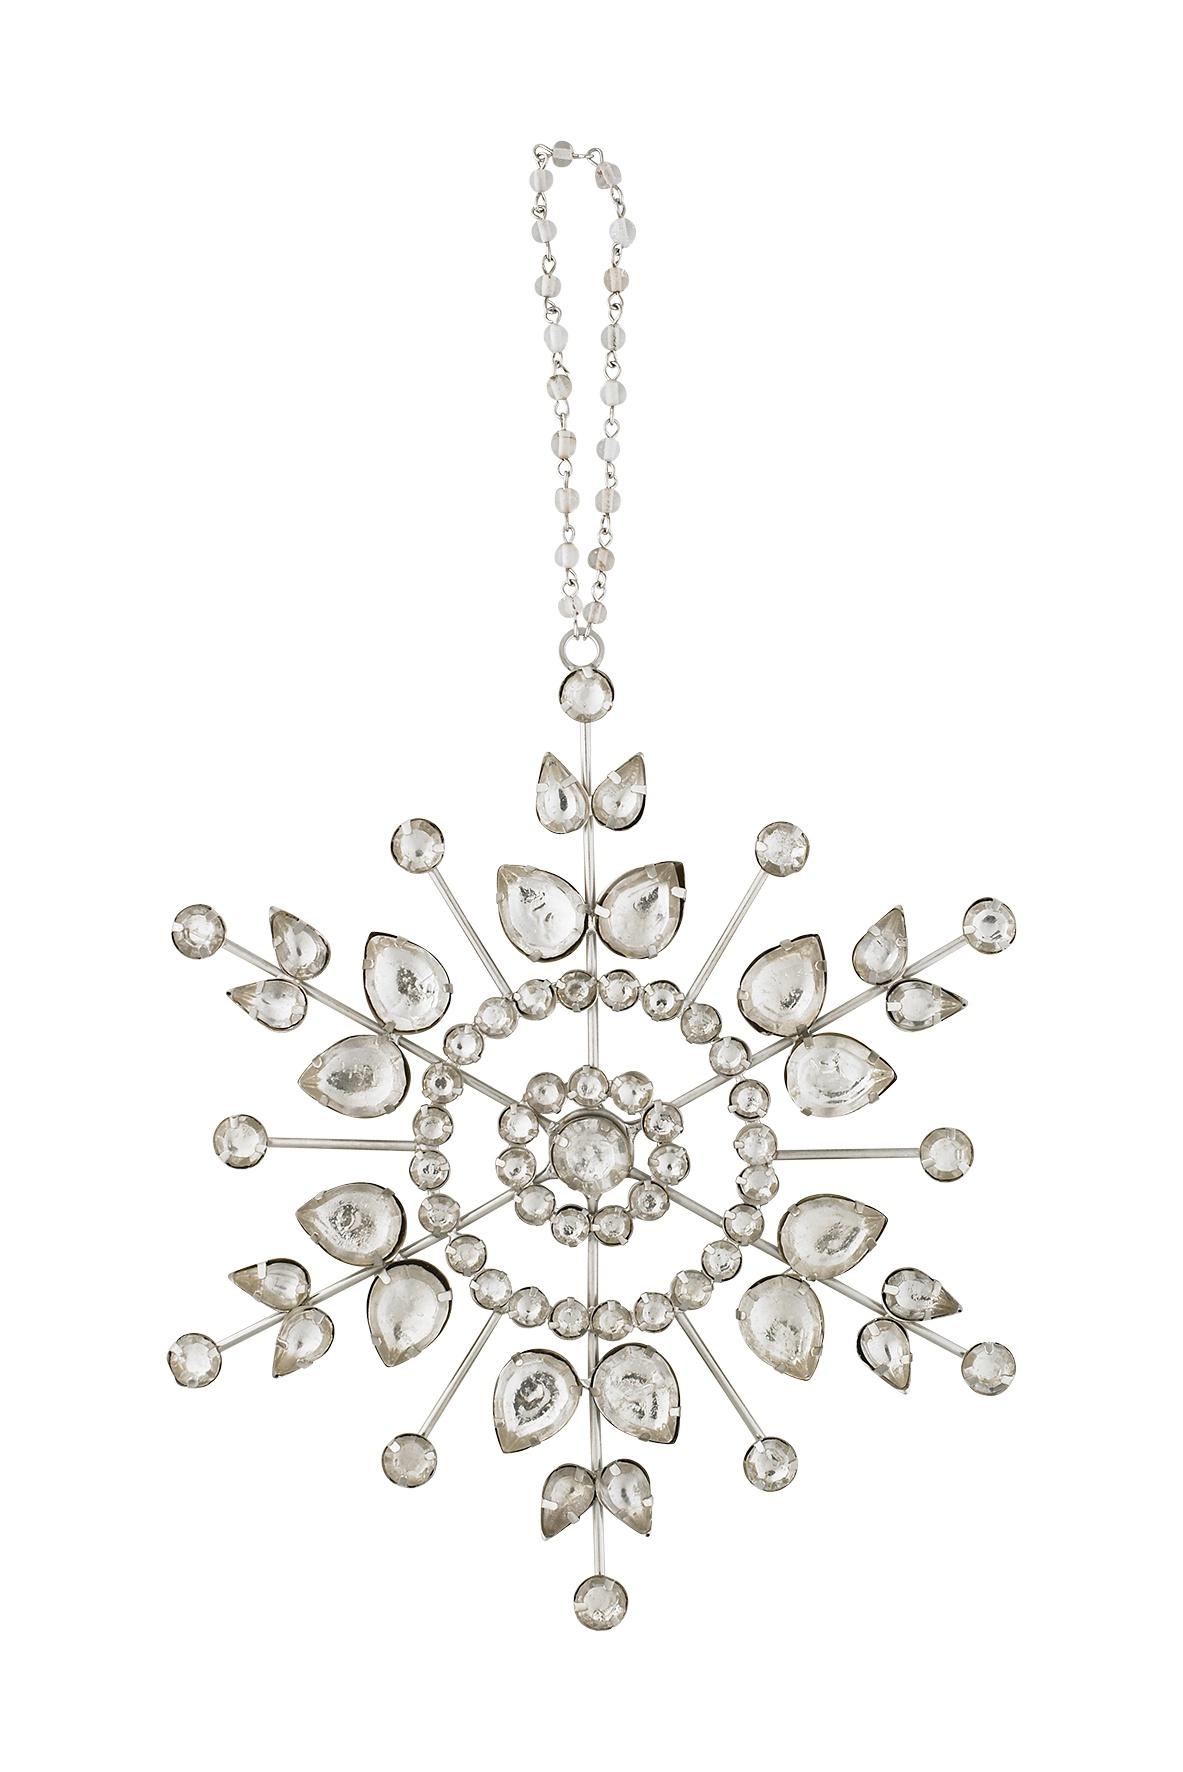 Подвесное украшение Molly Marais Star ornament, Цвет: серебряный, XM520018, Размер: Диаметр 16, длина подвеса 8 yoursfs серебряный 8